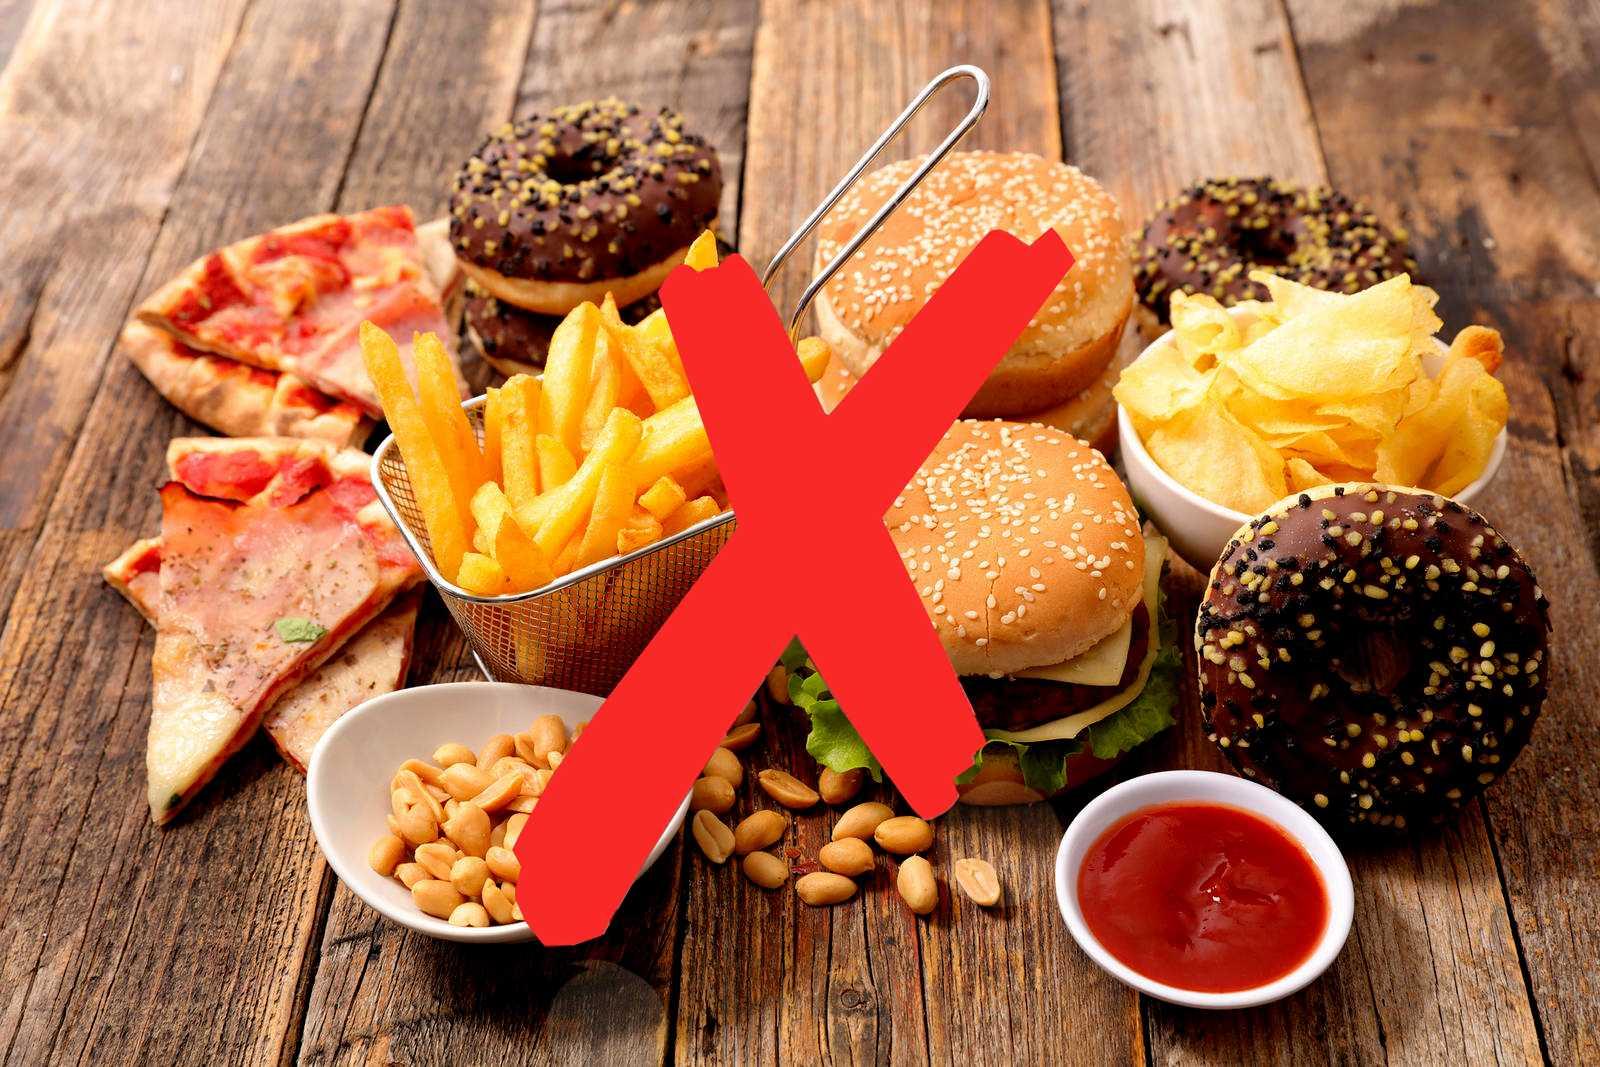 Чем же так вреден фаст-фуд и насколько может быть опасна эта еда?